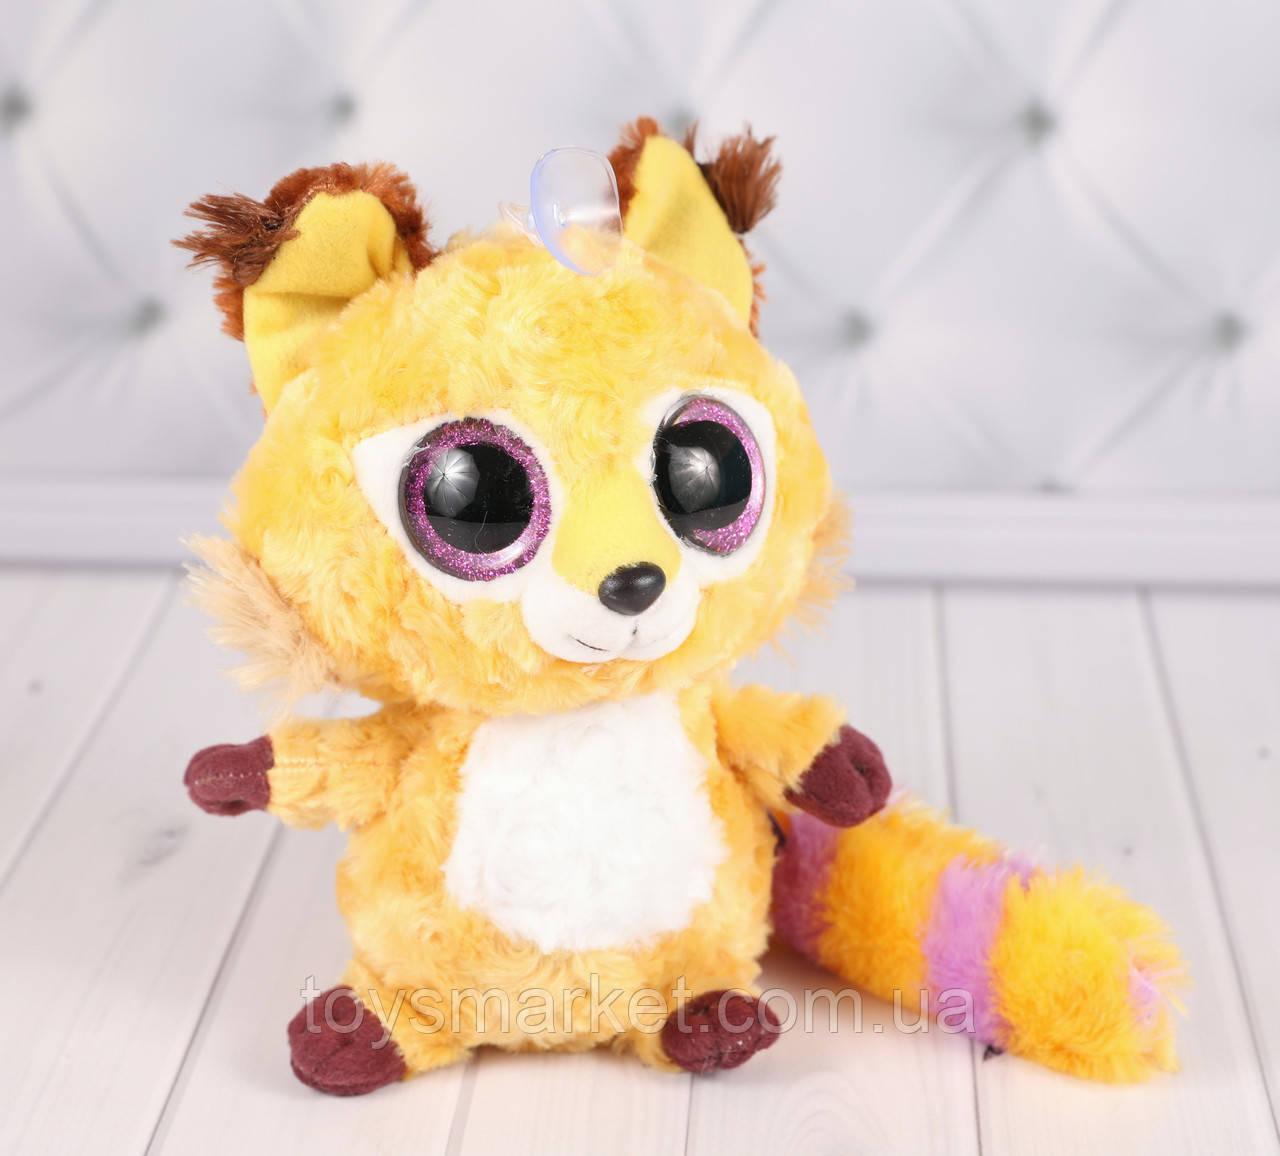 Мягкая игрушка зверёк, плюшевый зверёк, 17 см.